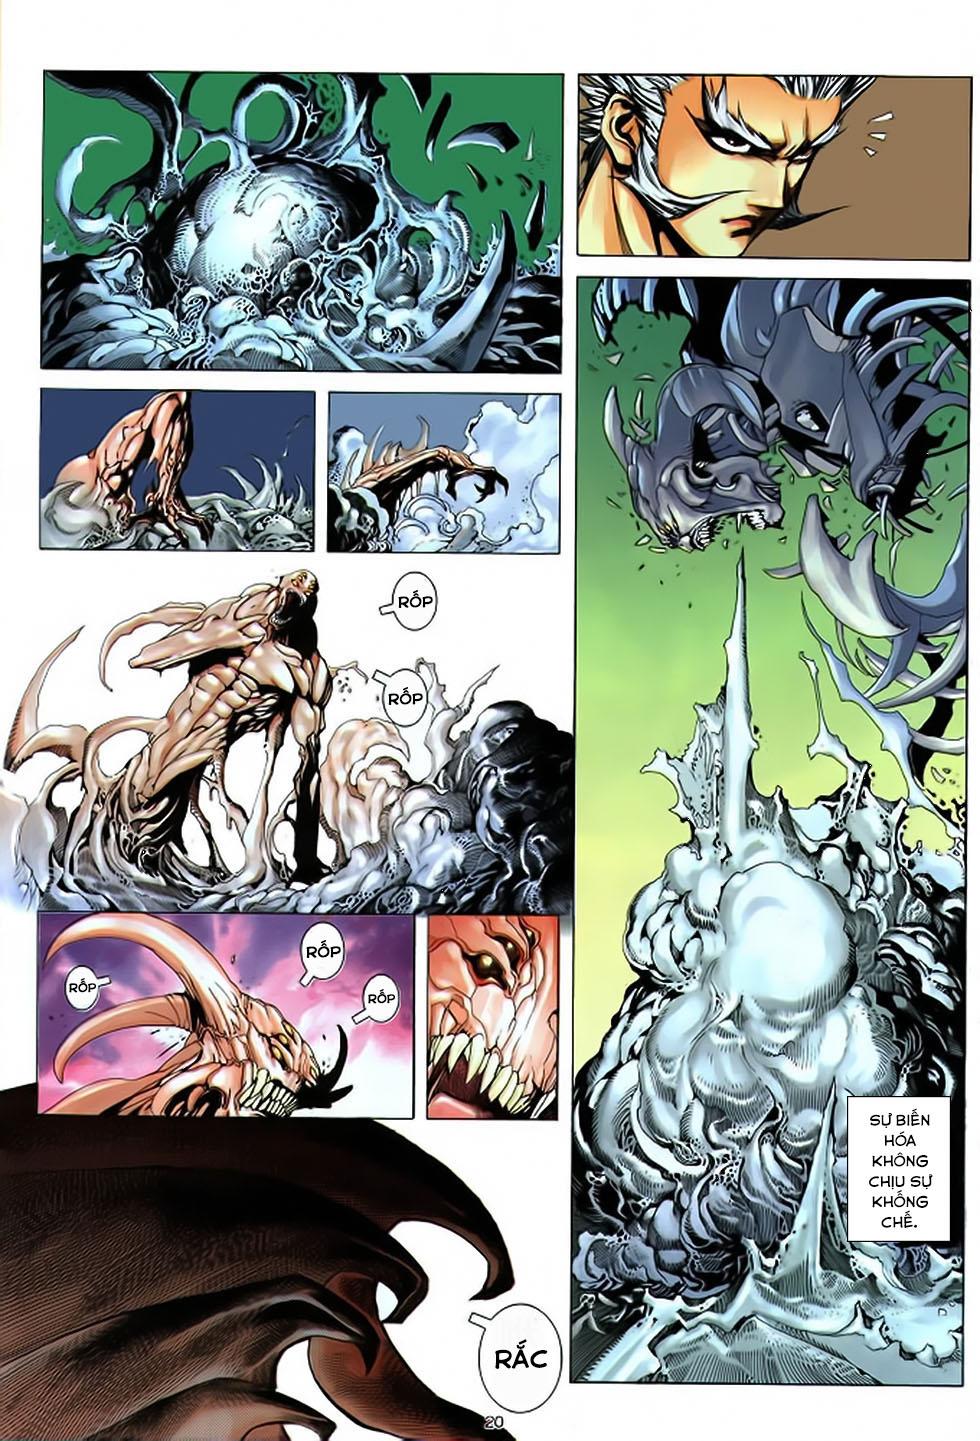 Chiến Thần Ký chap 39 - Trang 21